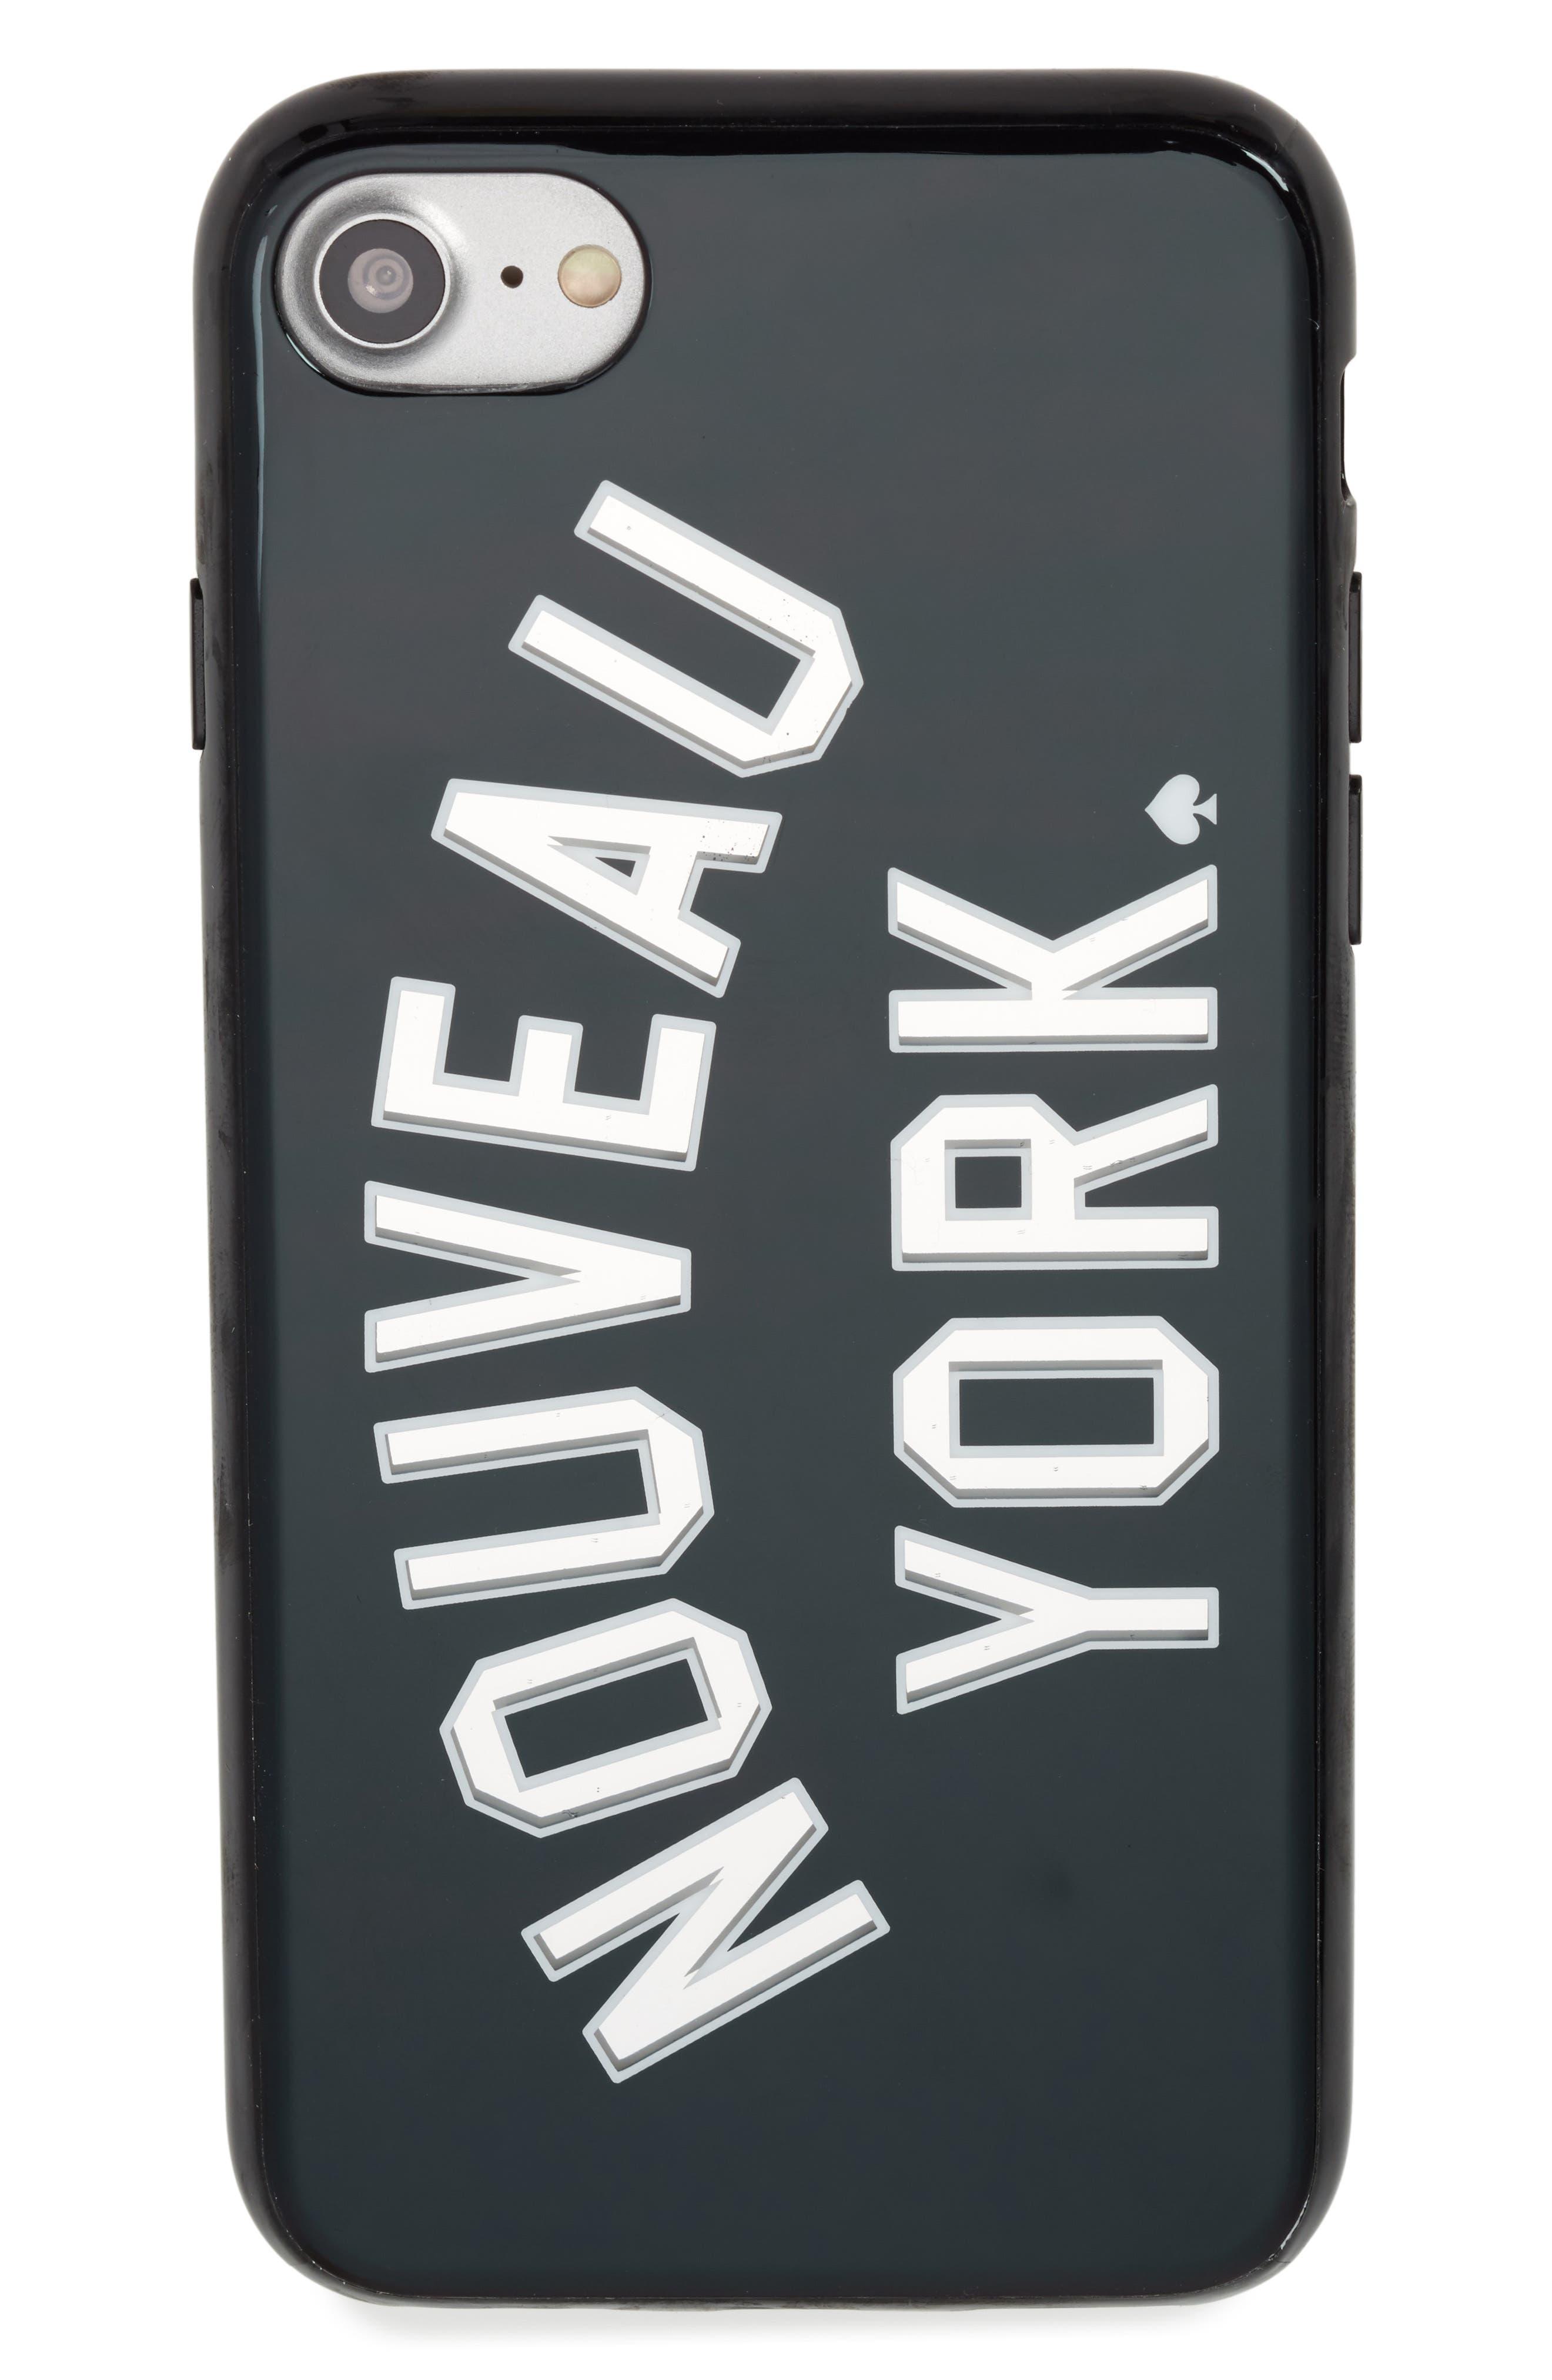 nouveau york iPhone 7/8 & 7/8 Plus case,                             Main thumbnail 1, color,                             038